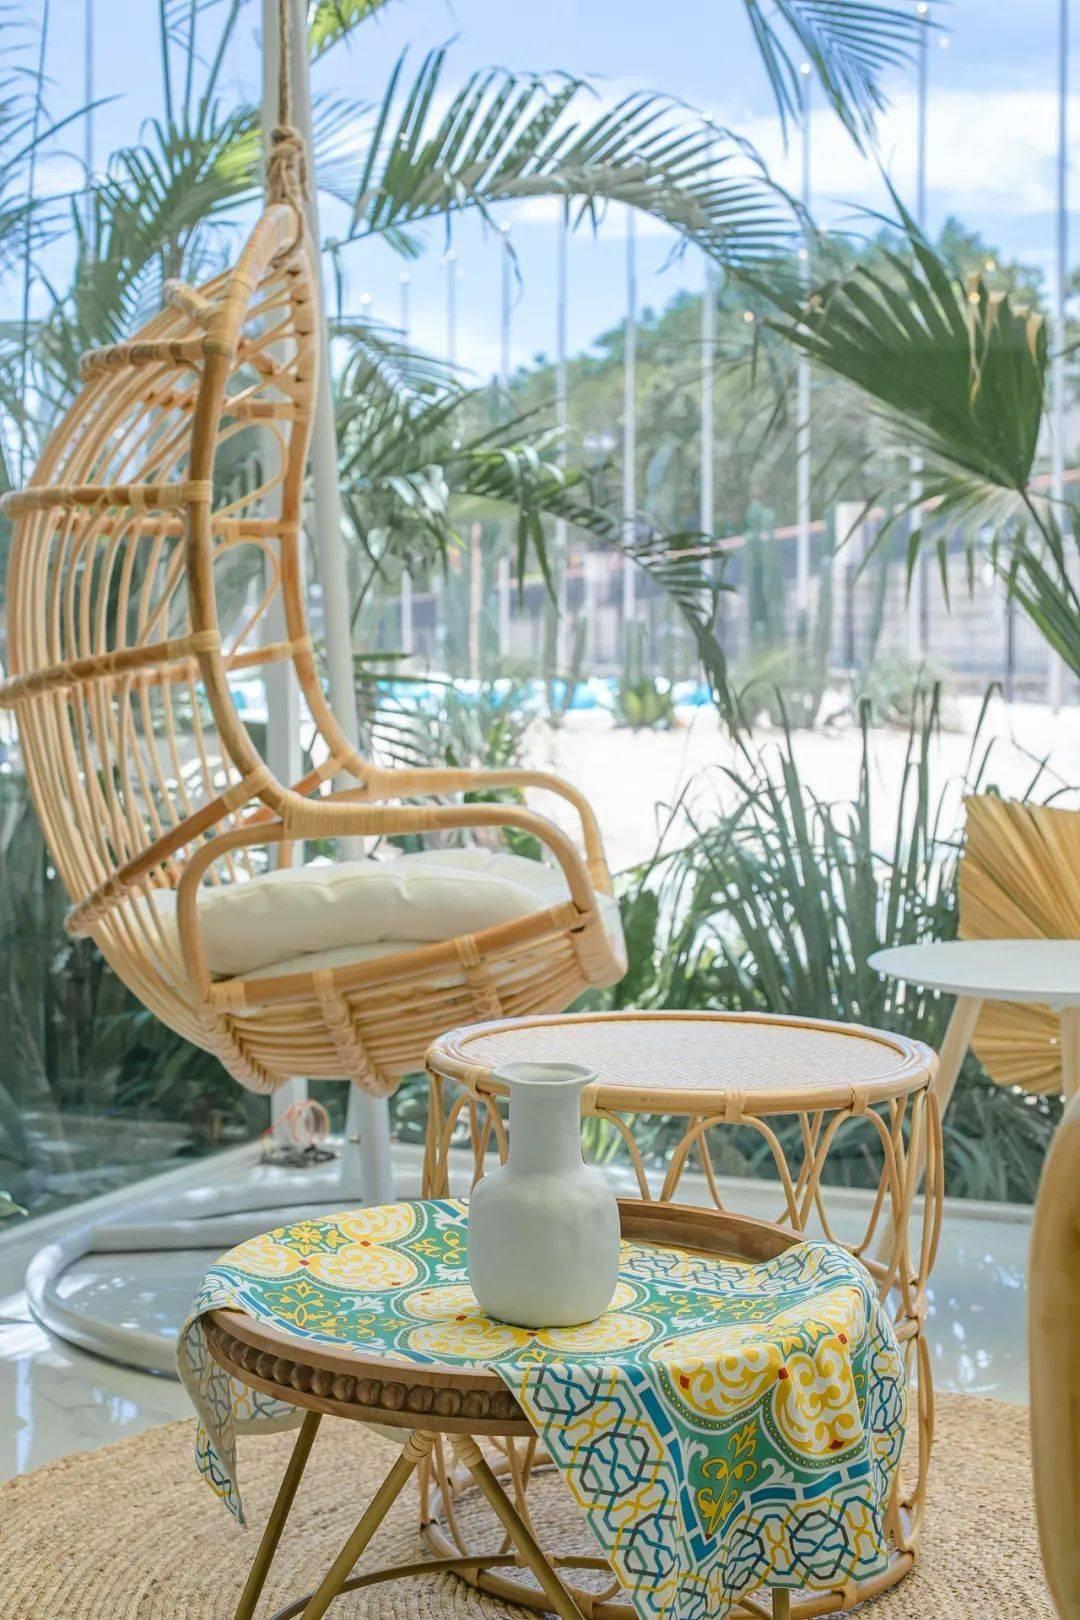 福州这个能晒太阳的【沙滩玻璃房】,就在市中心?